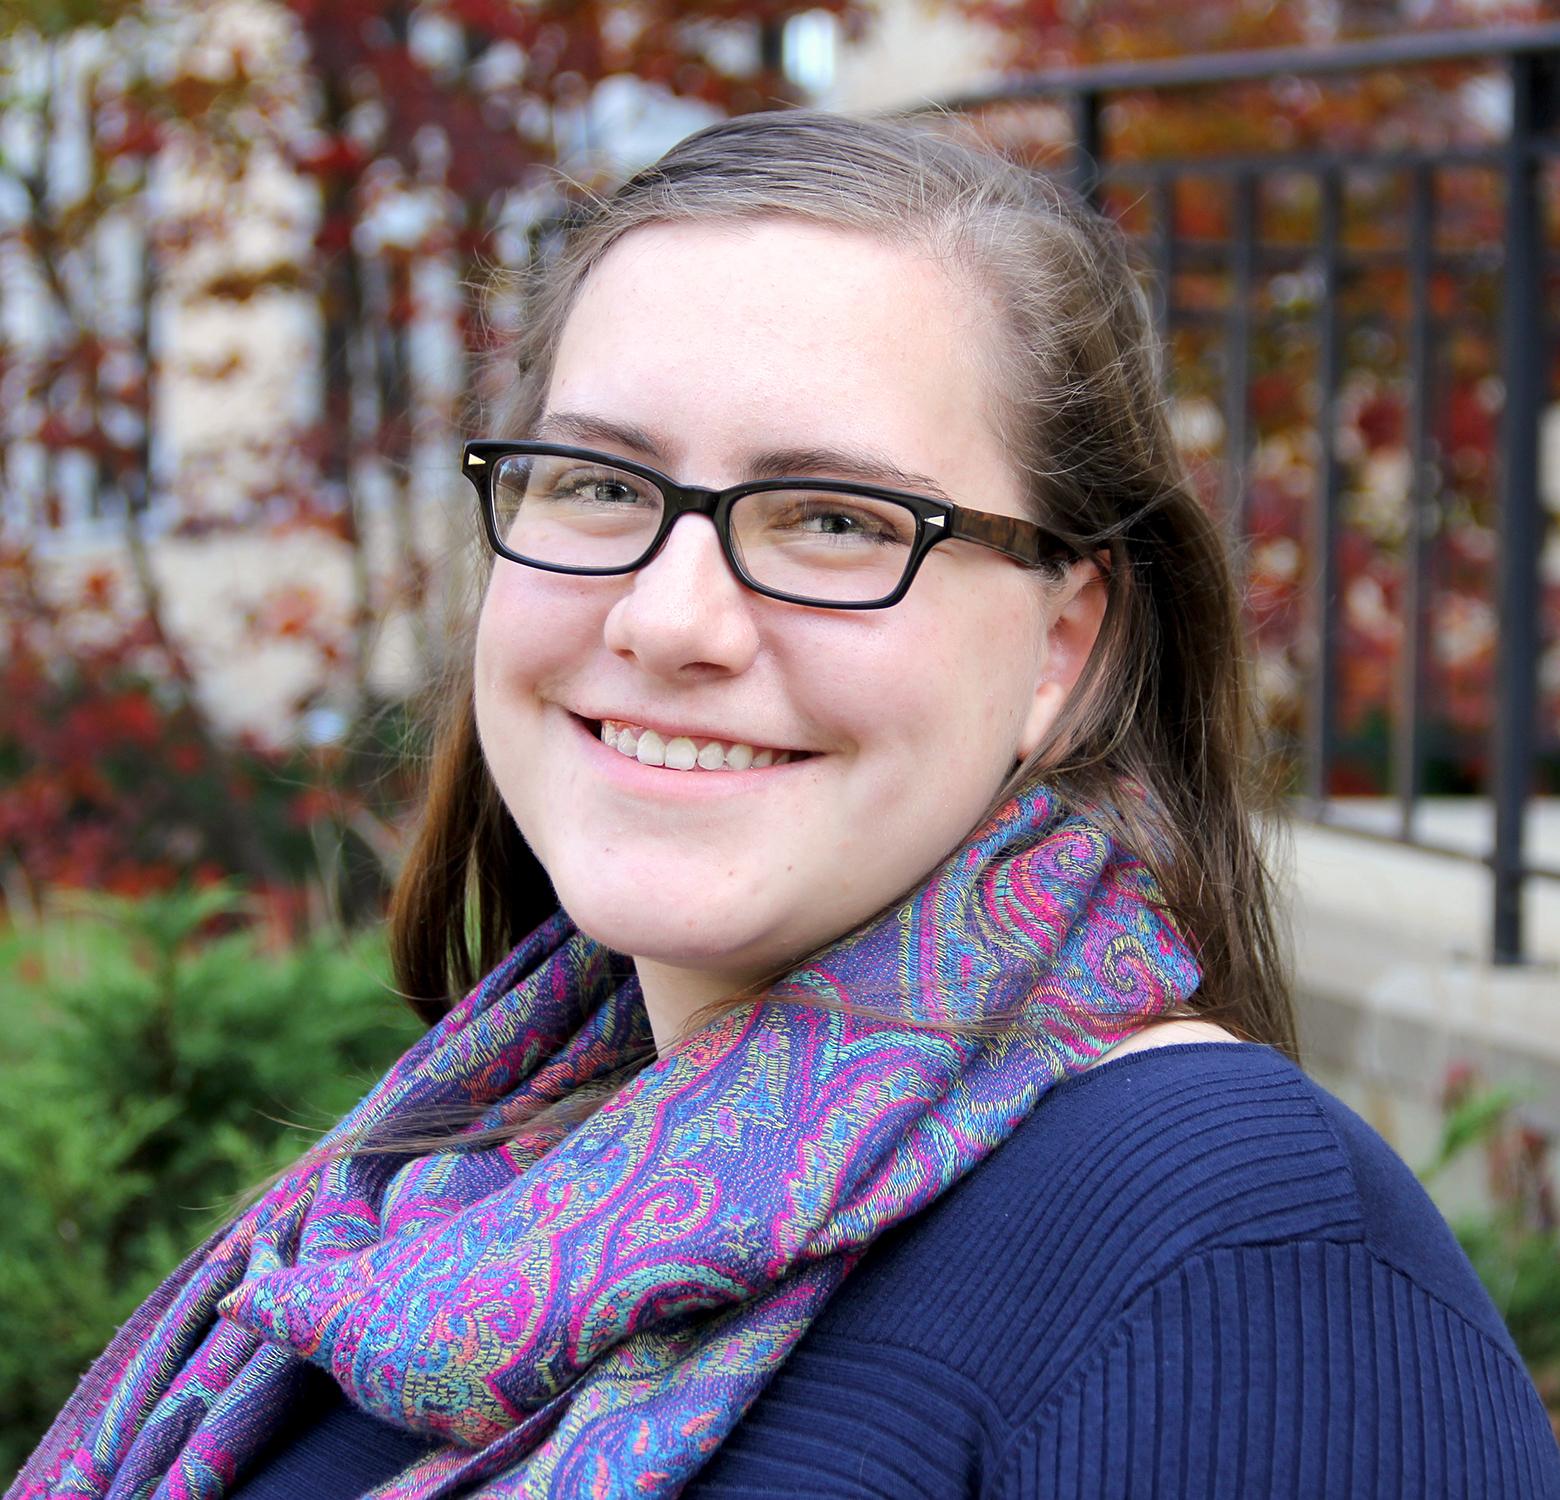 Helen Kovach, Class of 2017